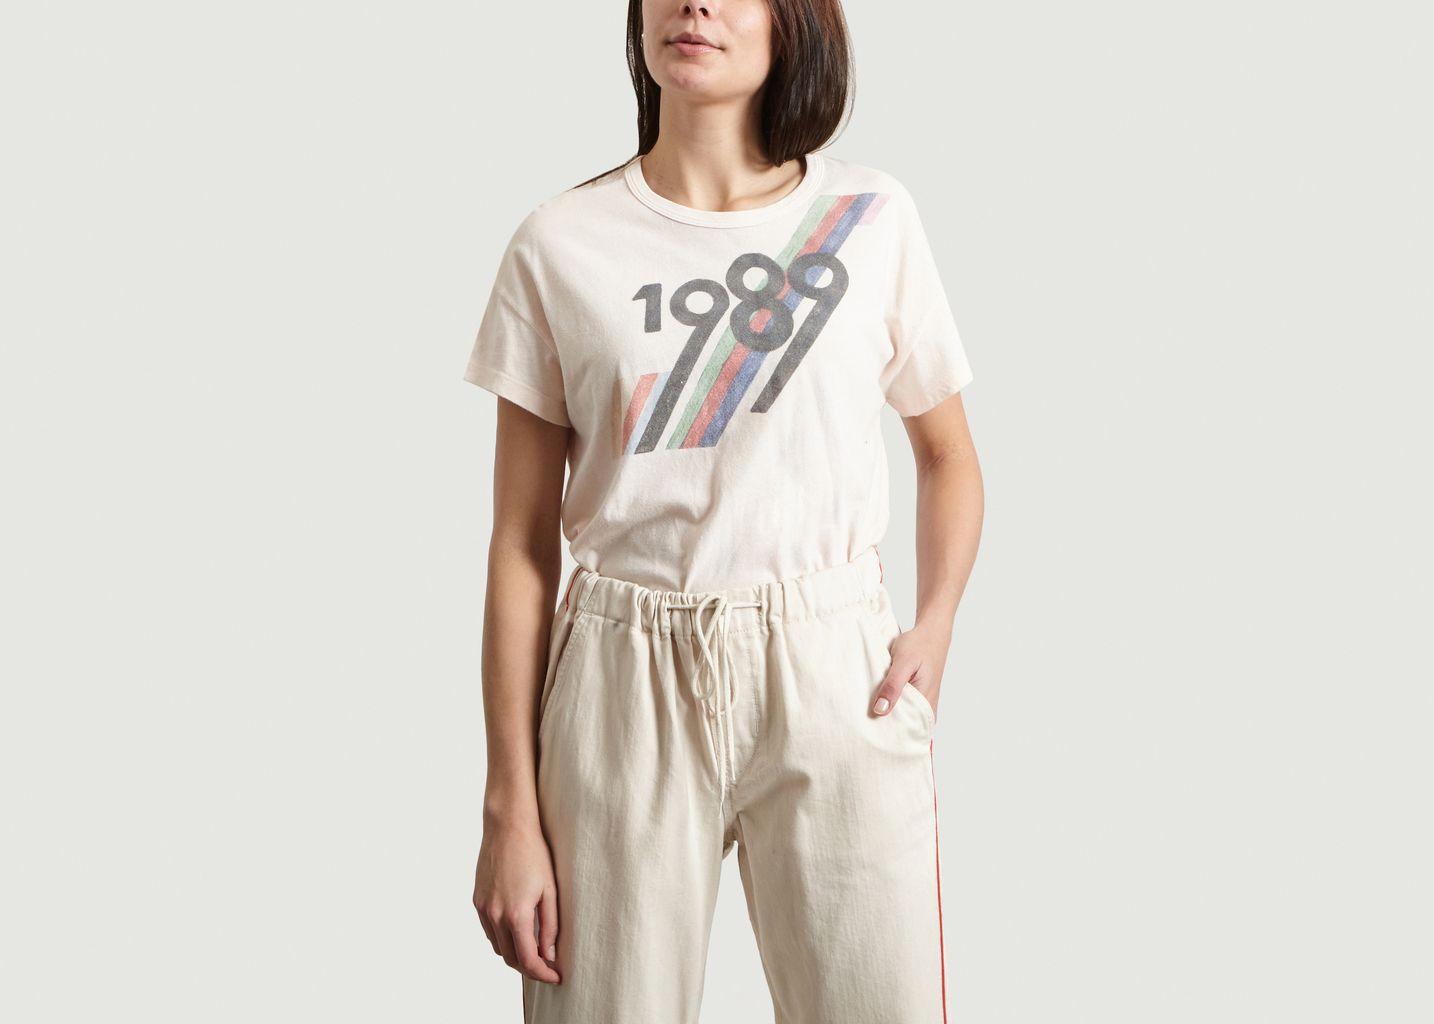 T-Shirt Print 1989 Ayo - Bellerose